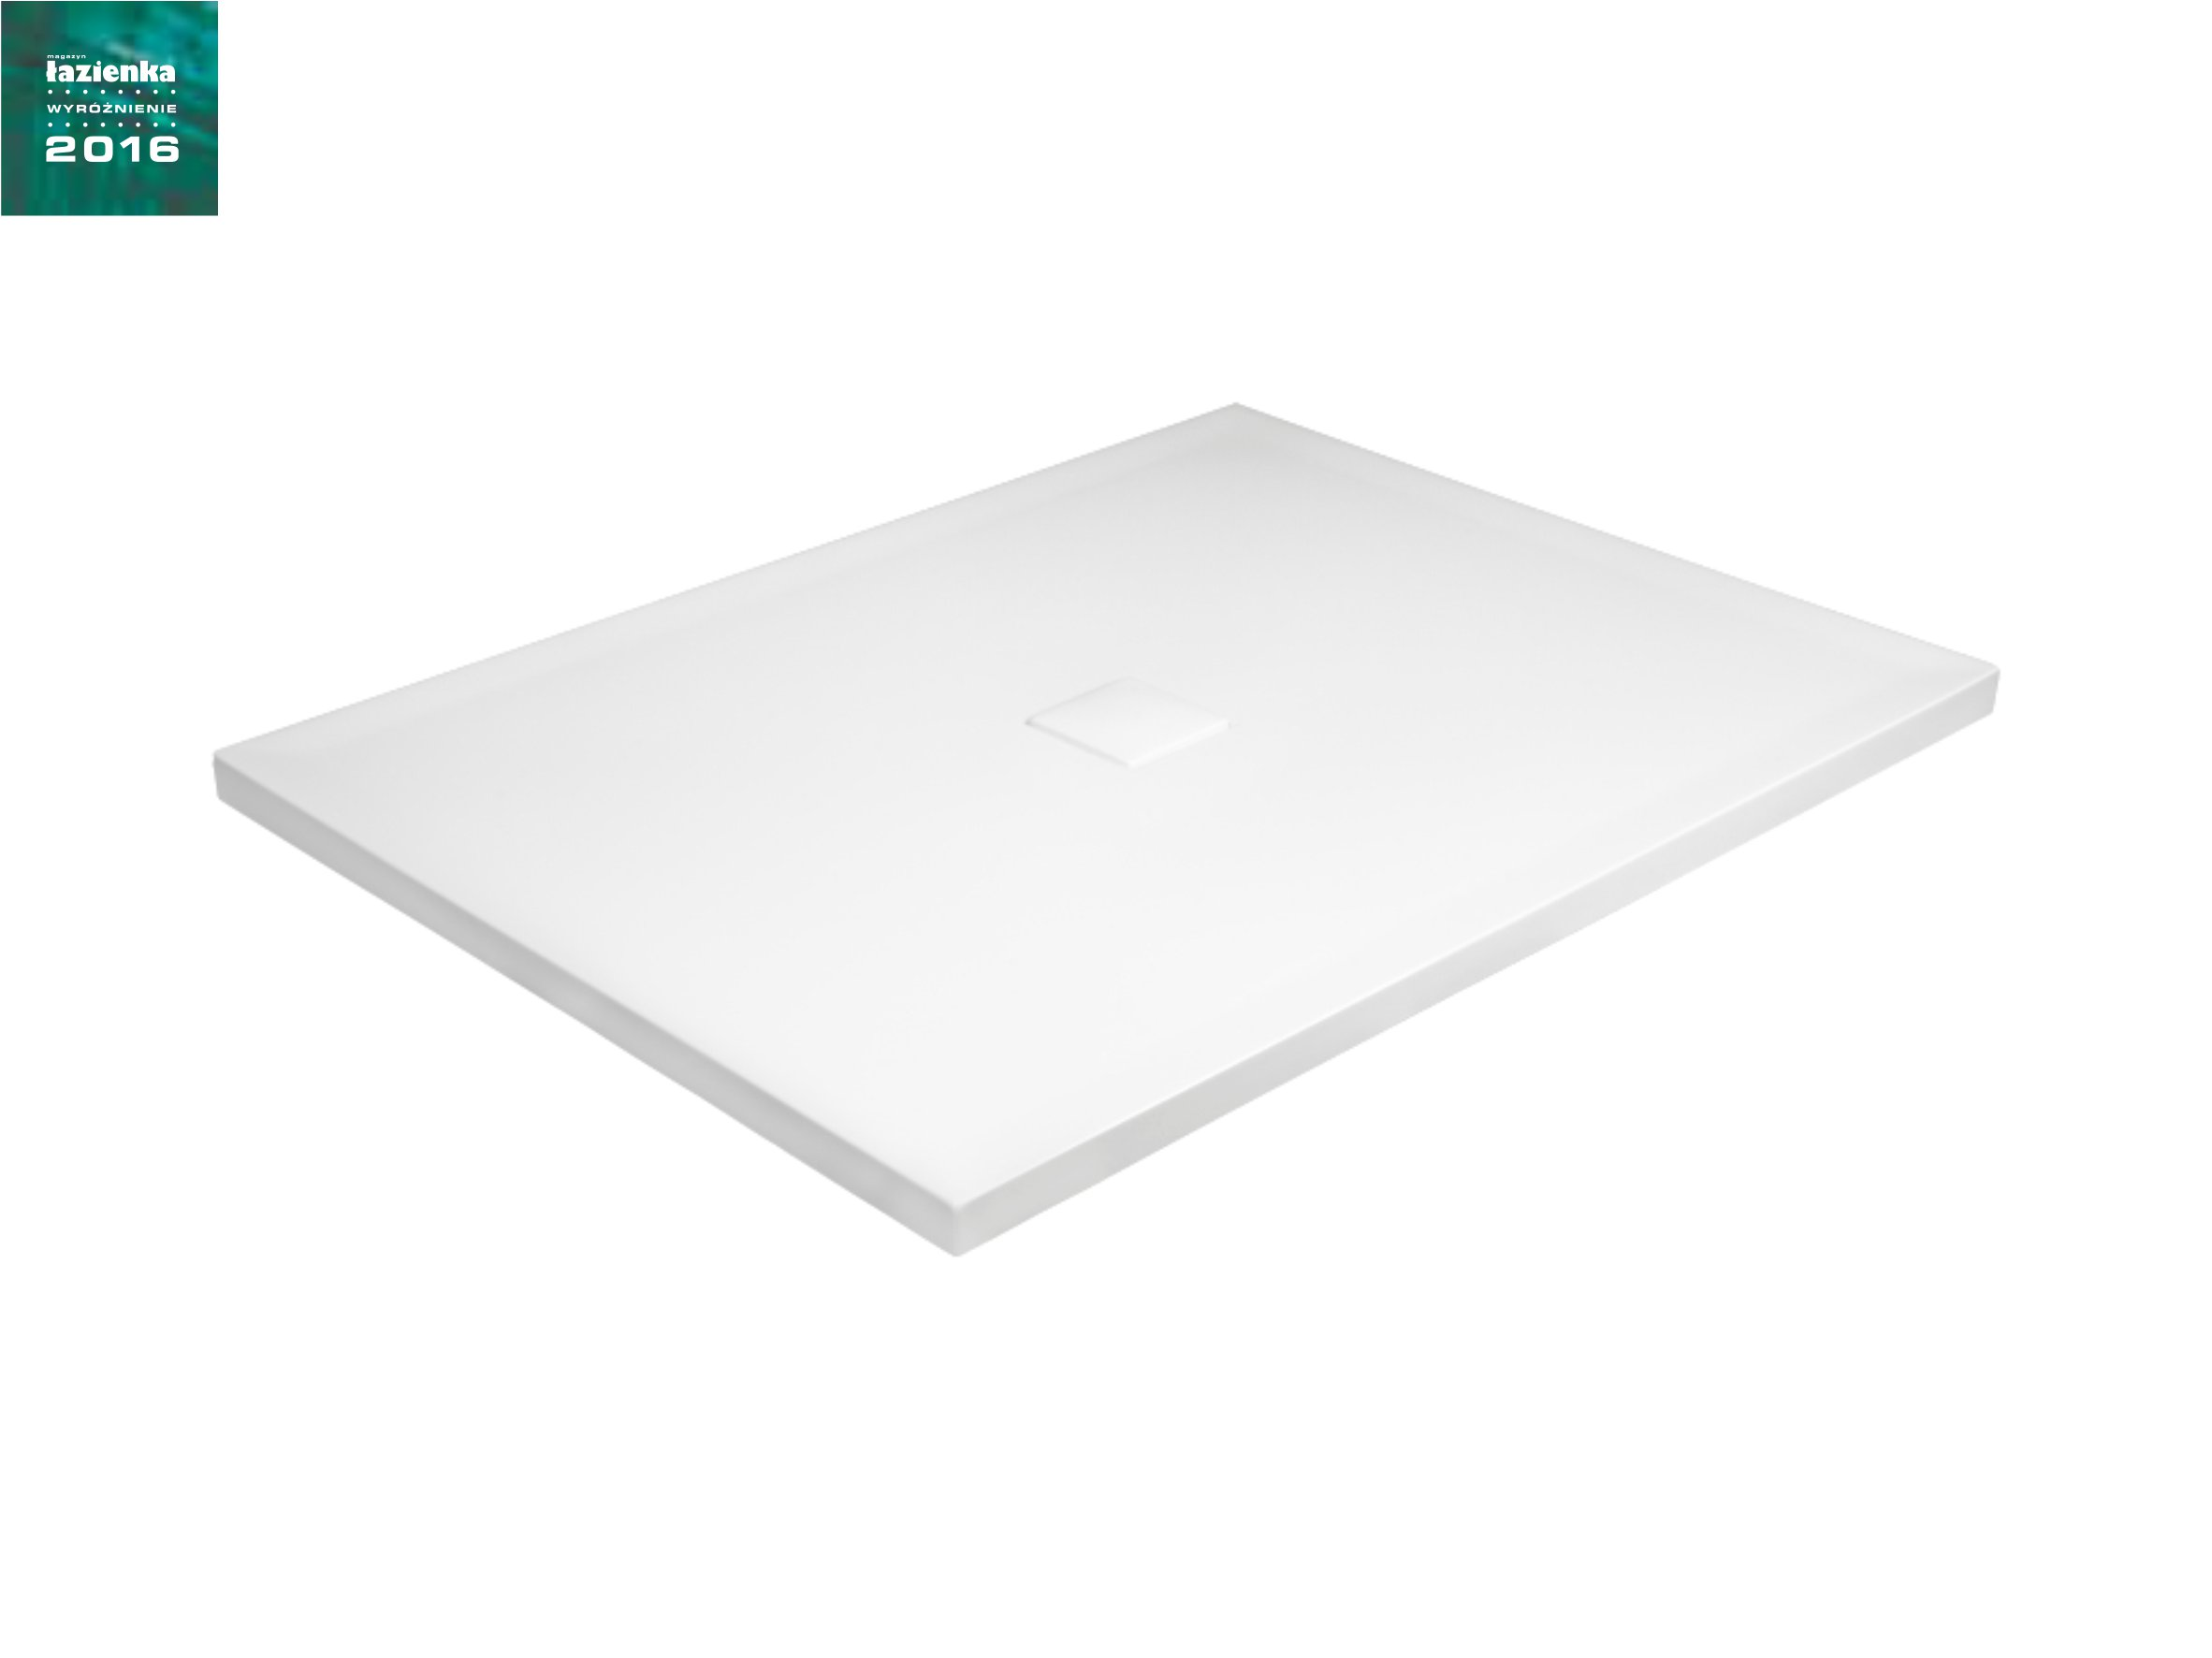 Brodzik prostokątny Besco Nox 110 biały 110x90x3 BMN110-90-BB